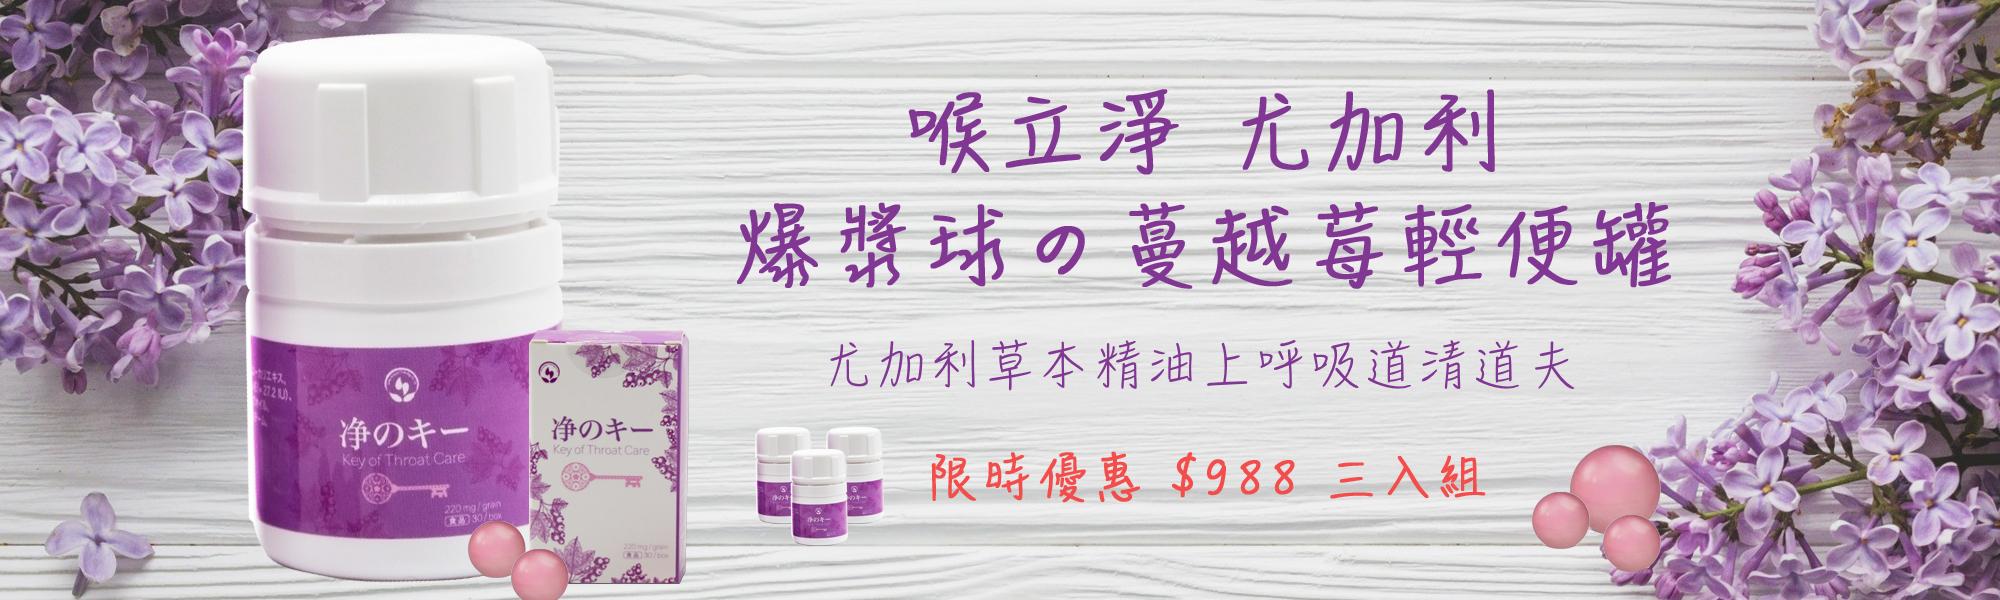 康偲COMS,喉立淨,胡椒薄荷感冒潤喉,咳嗽卡痰,蔓越莓抗氧化